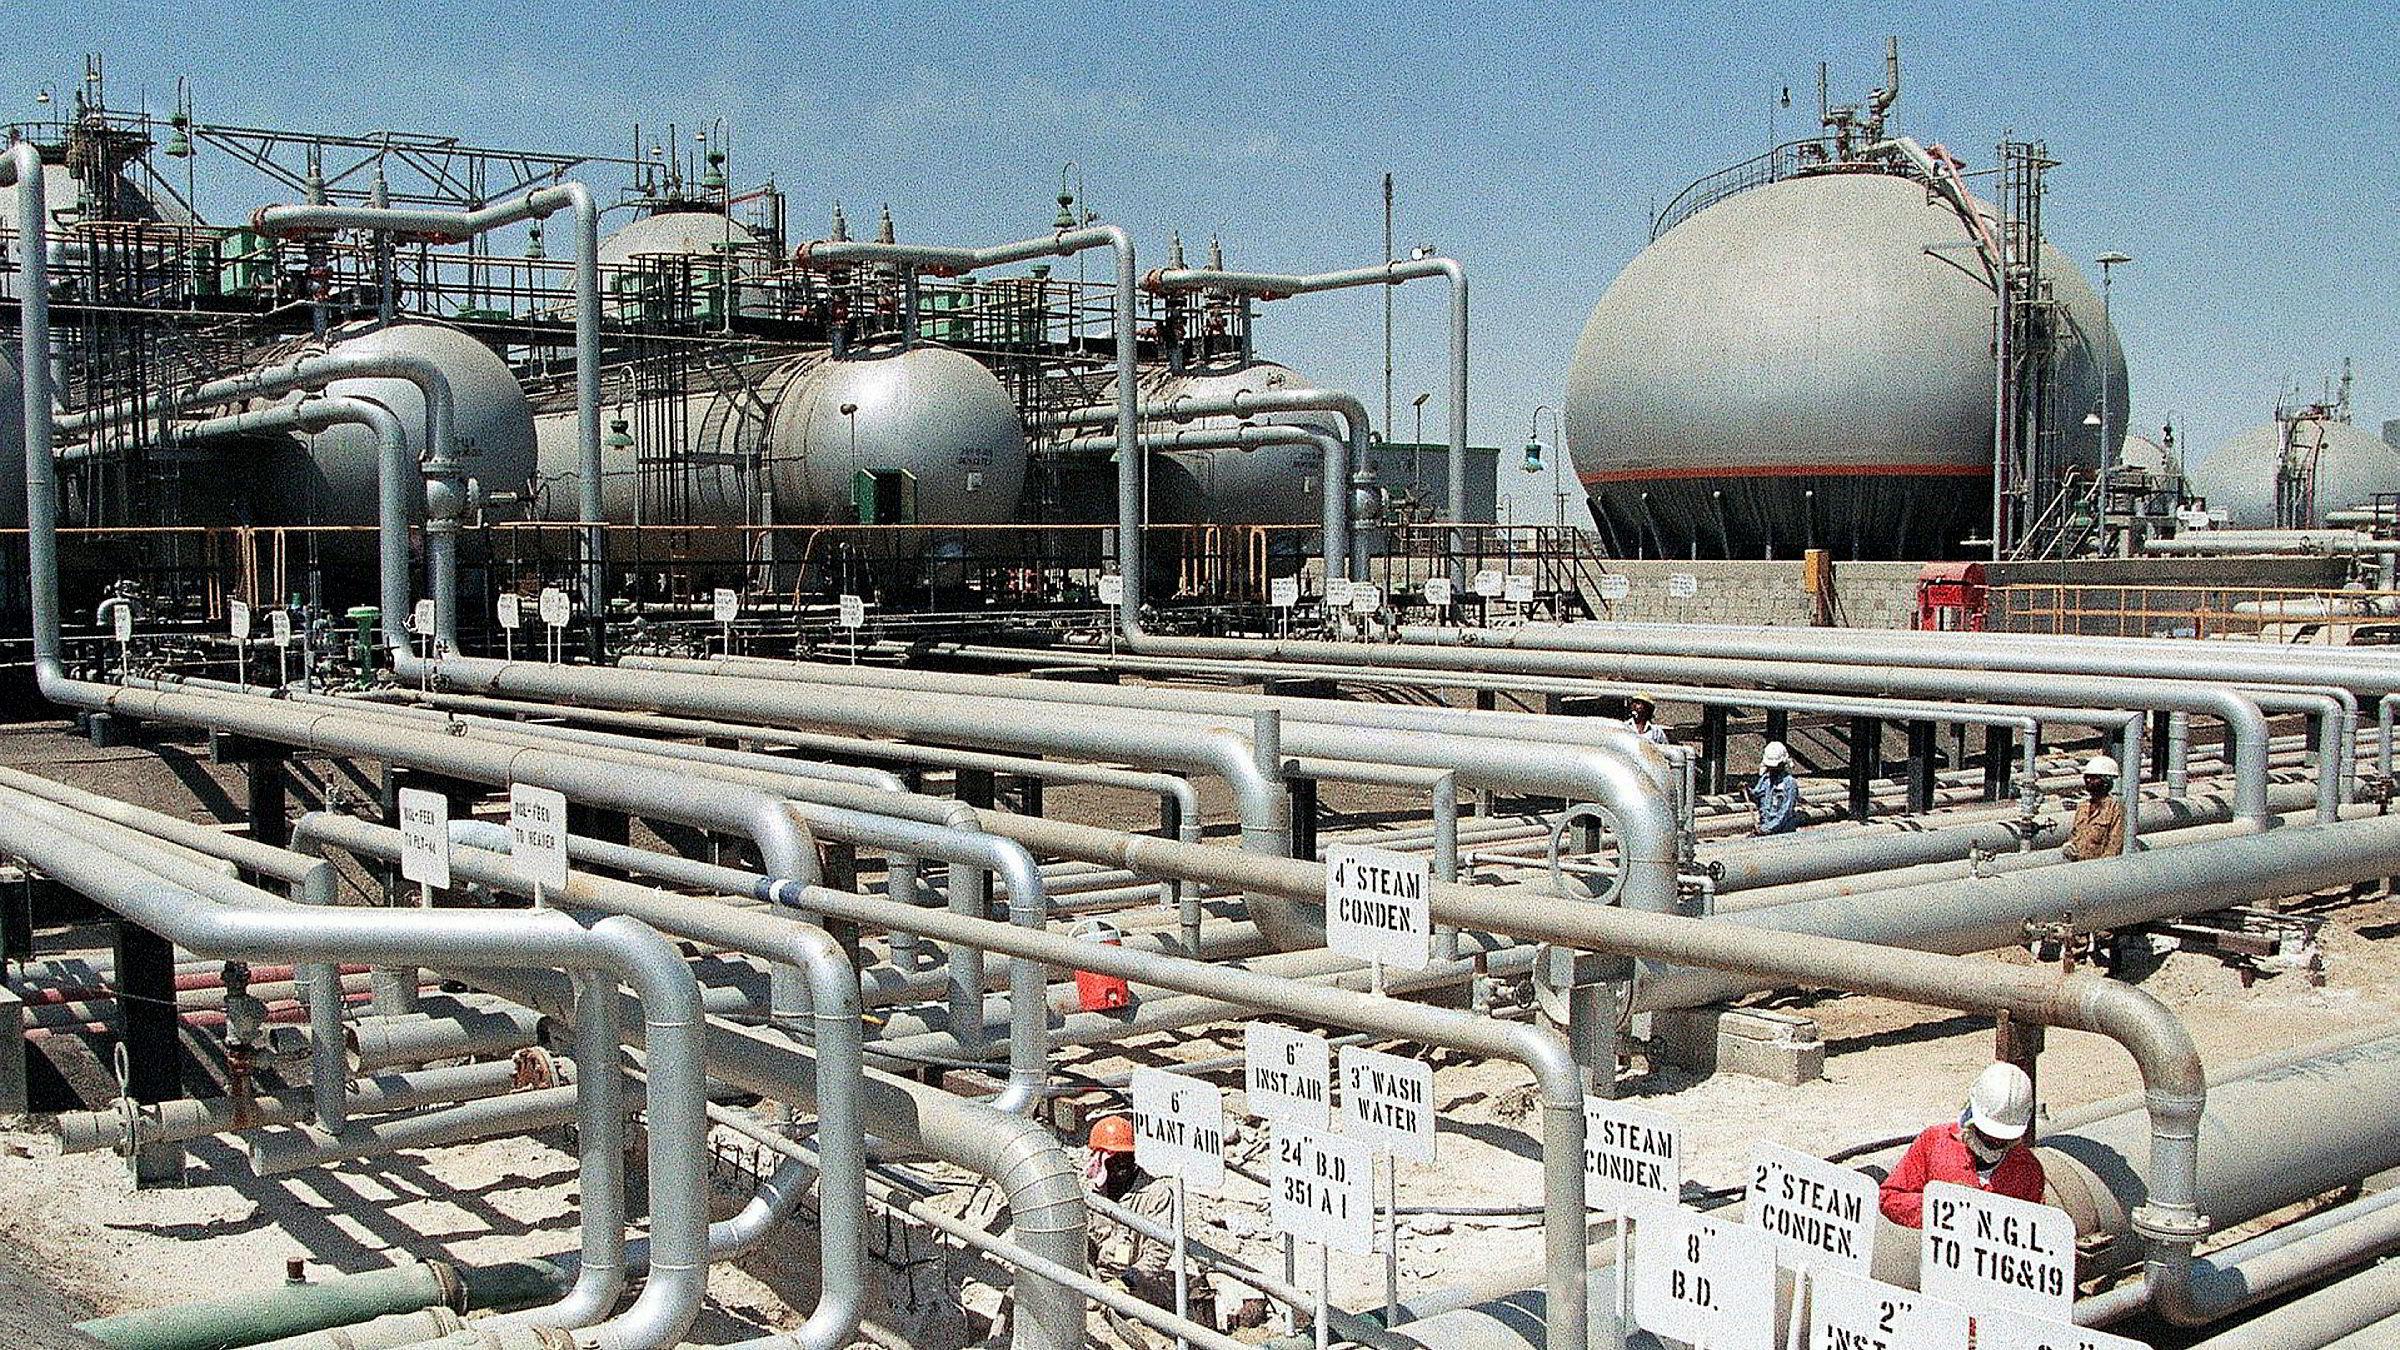 Da oljeinstallasjoner i Saudi-Arabia ble utsatt for et droneangrep i september ifjor steg oljeprisen kraftig, men falt så raskt tilbake. Bilde viser et oljeraffeneri ved Ras Tannura i Saudi Arabia. Fredag steg oljeprisen etter at USA likviderte den iranske generalen Qasem Soleimani.